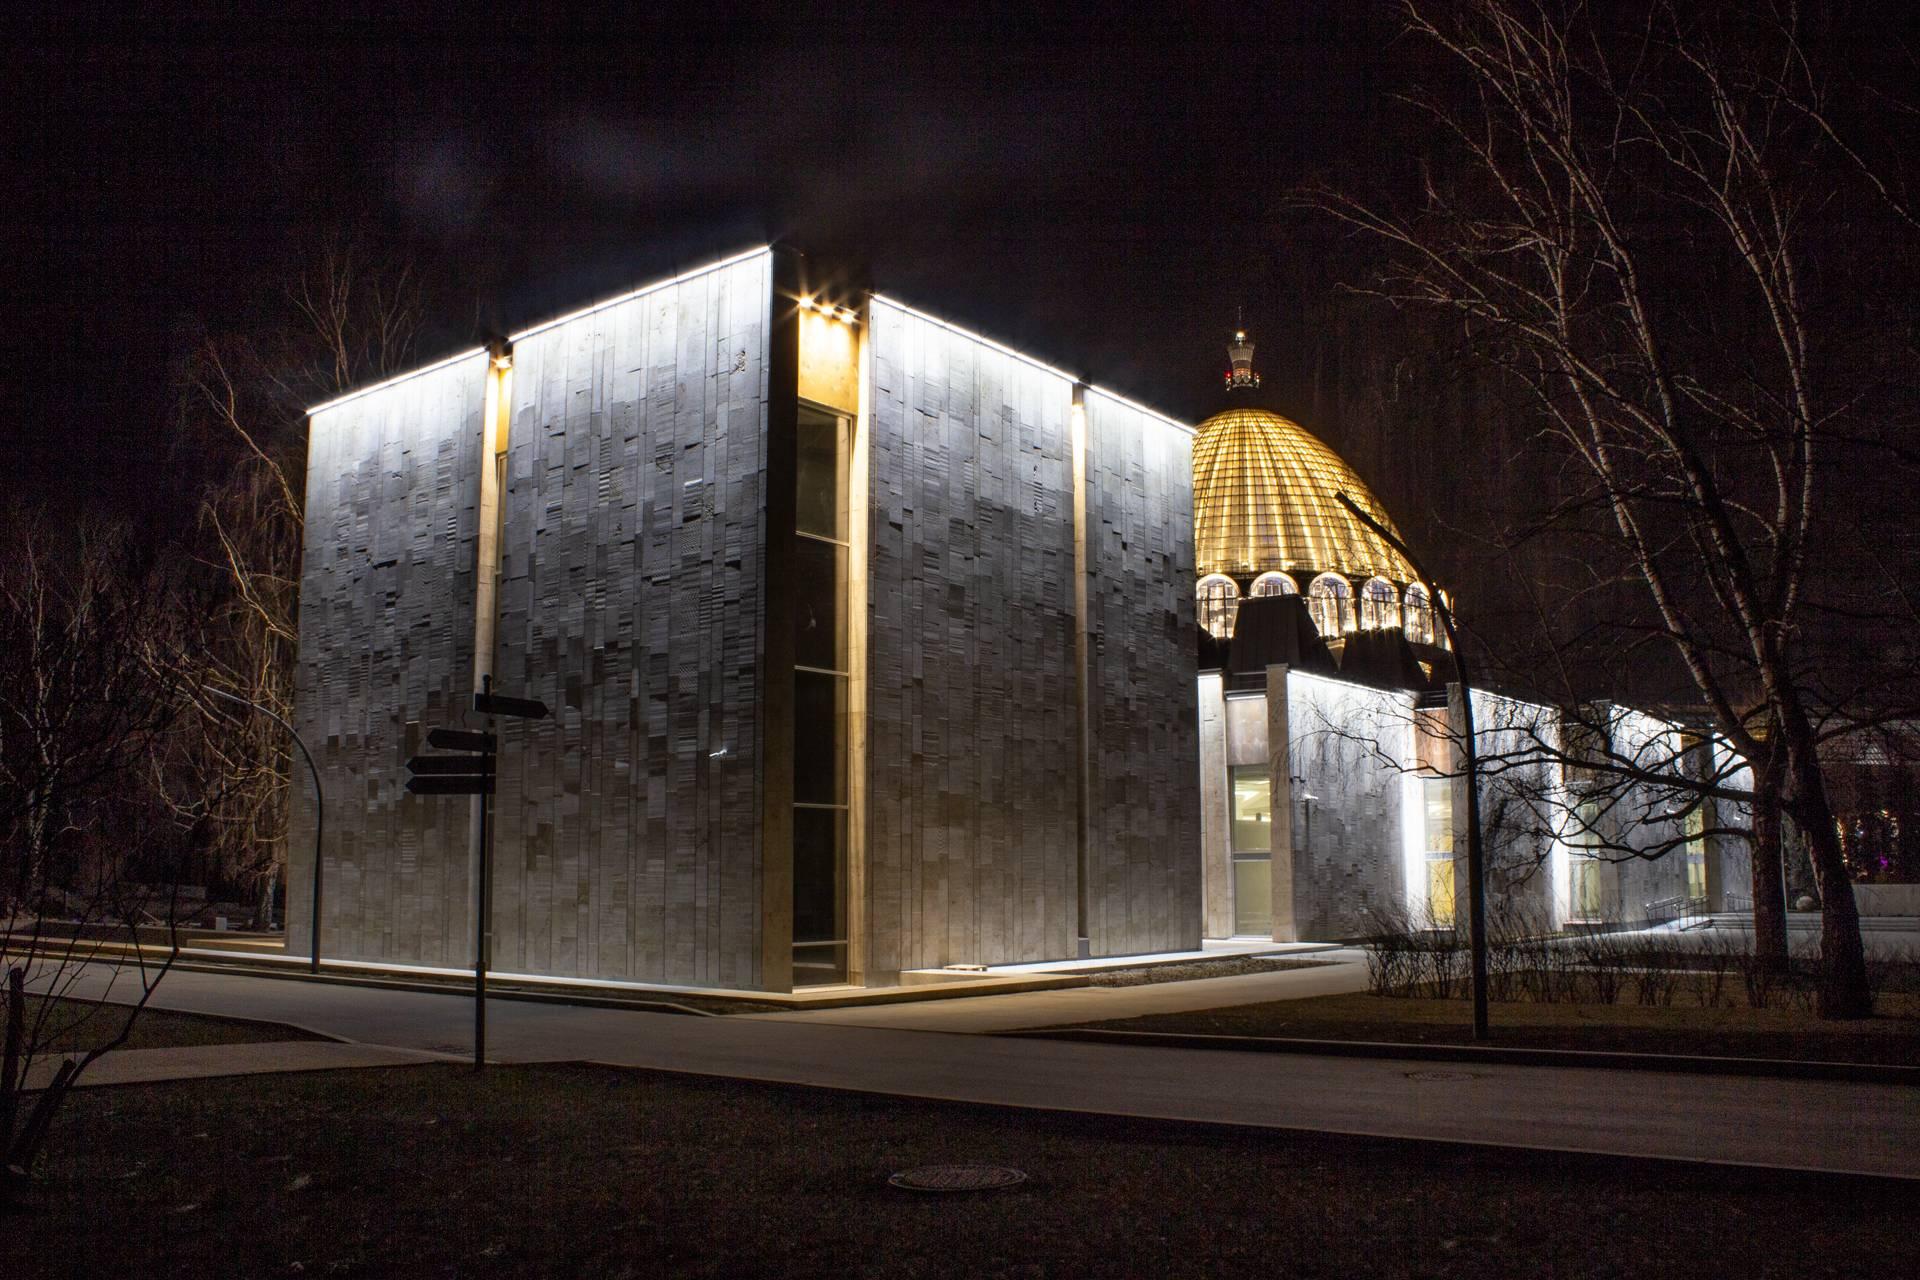 Освещение павильона «Цветоводство и озеленение», ВДНХ, г. Москва